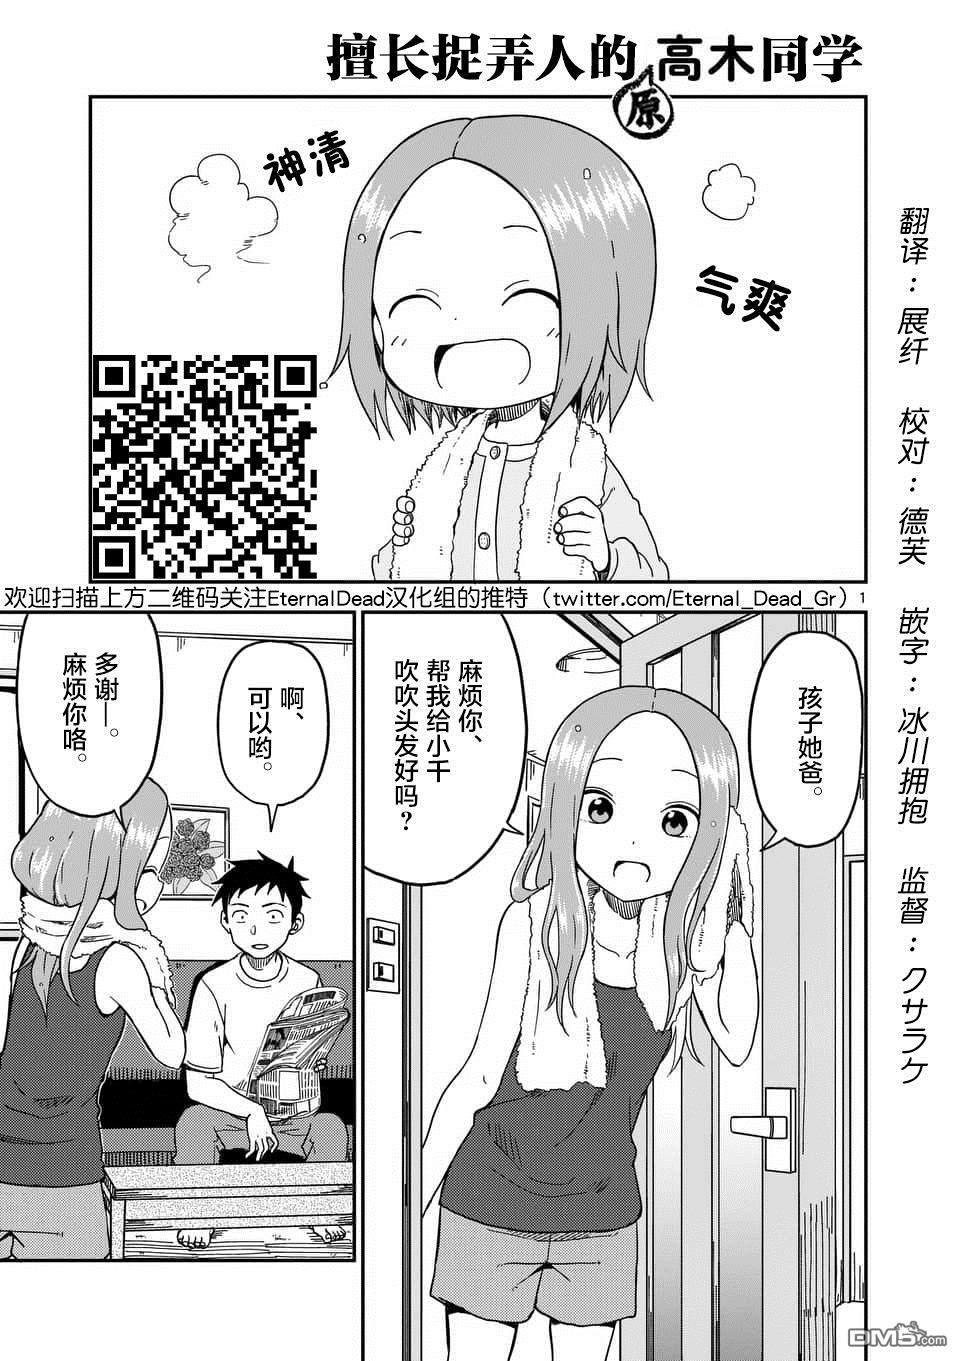 擅長捉弄人的(原)高木同學漫畫第82話(第1頁)劇情-二次元動漫